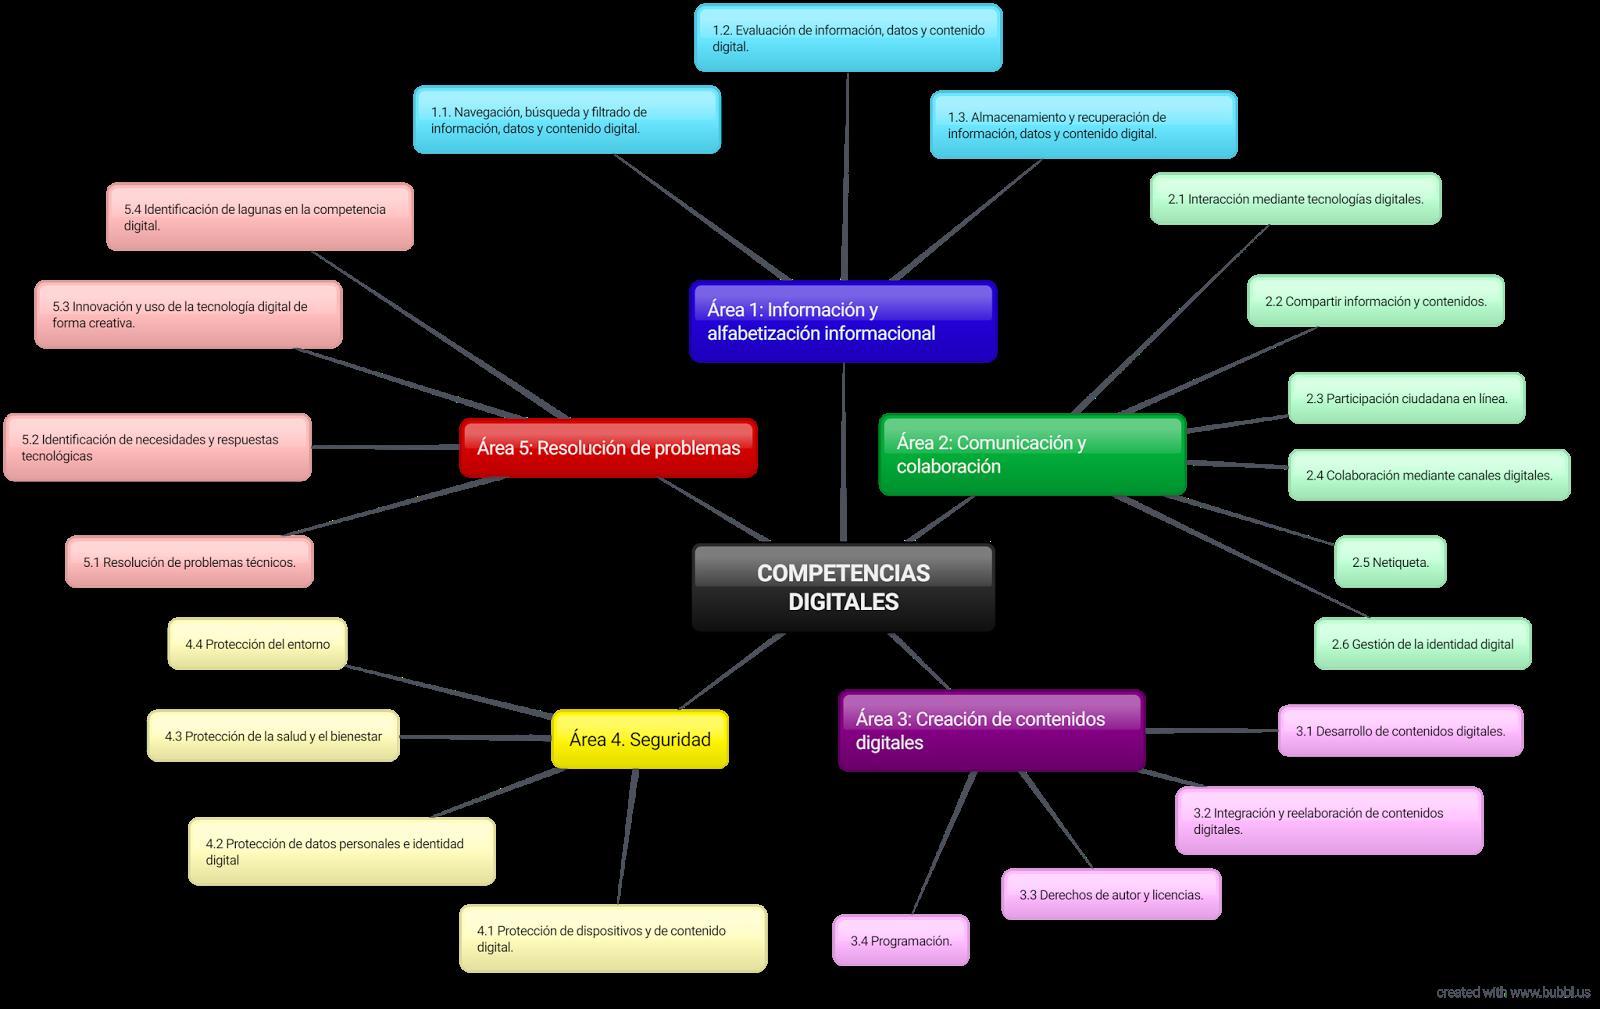 Blog de Pepe Botella: Mapa mental sobre COMPETENCIAS DIGITALES